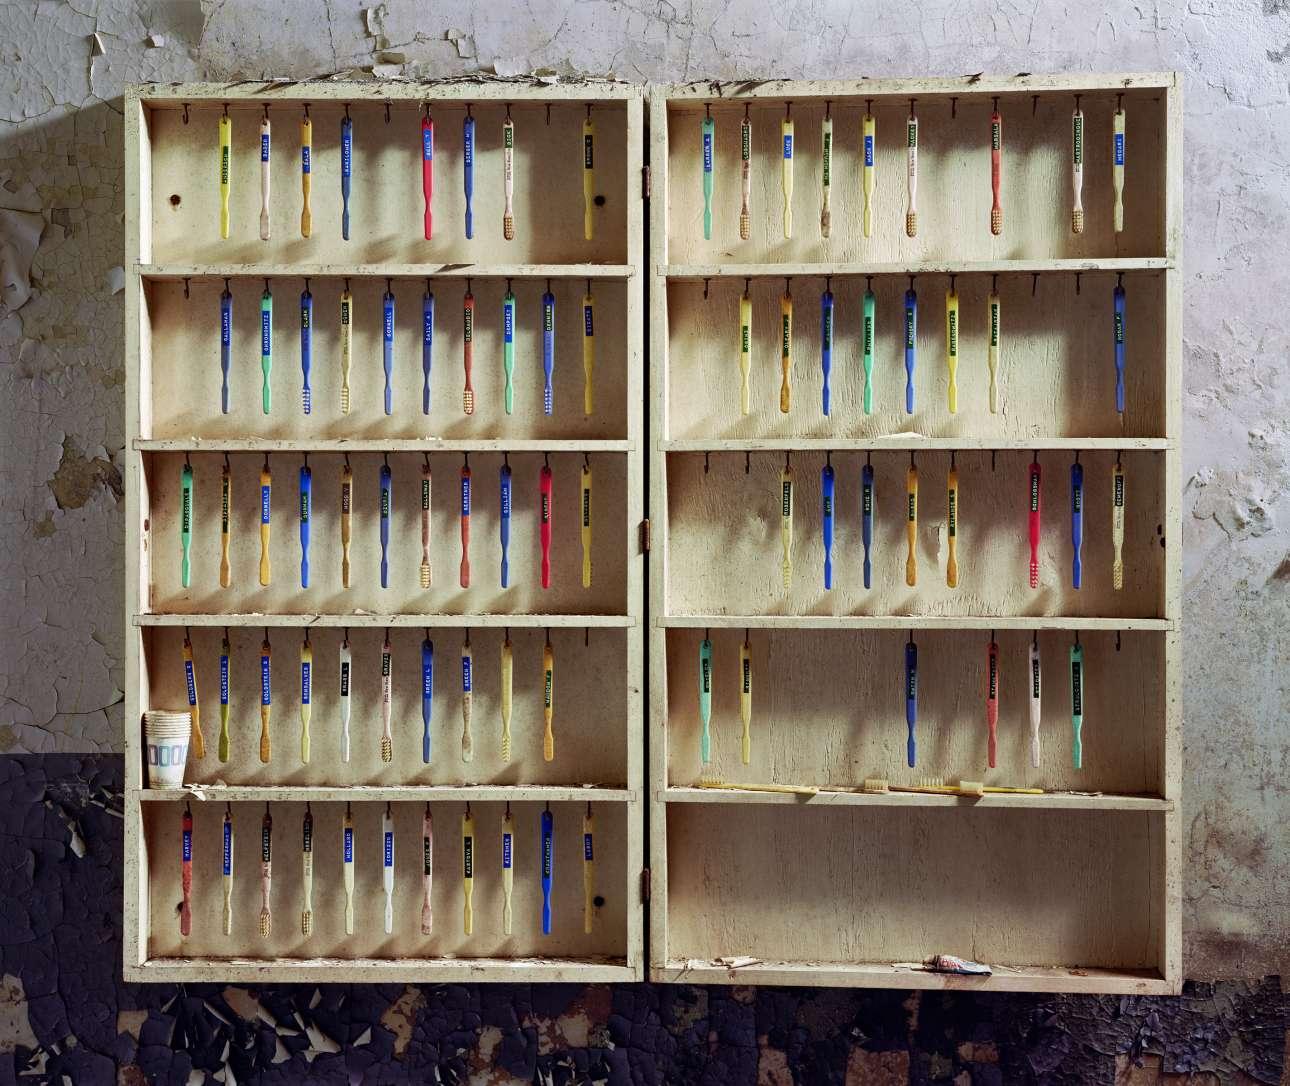 Οδοντοβούρτσες ασθενών κρεμασμένες στο Κρατικό Μουσείο του Ποταμού Χάντσον της Νέας Υόρκης, το 2005